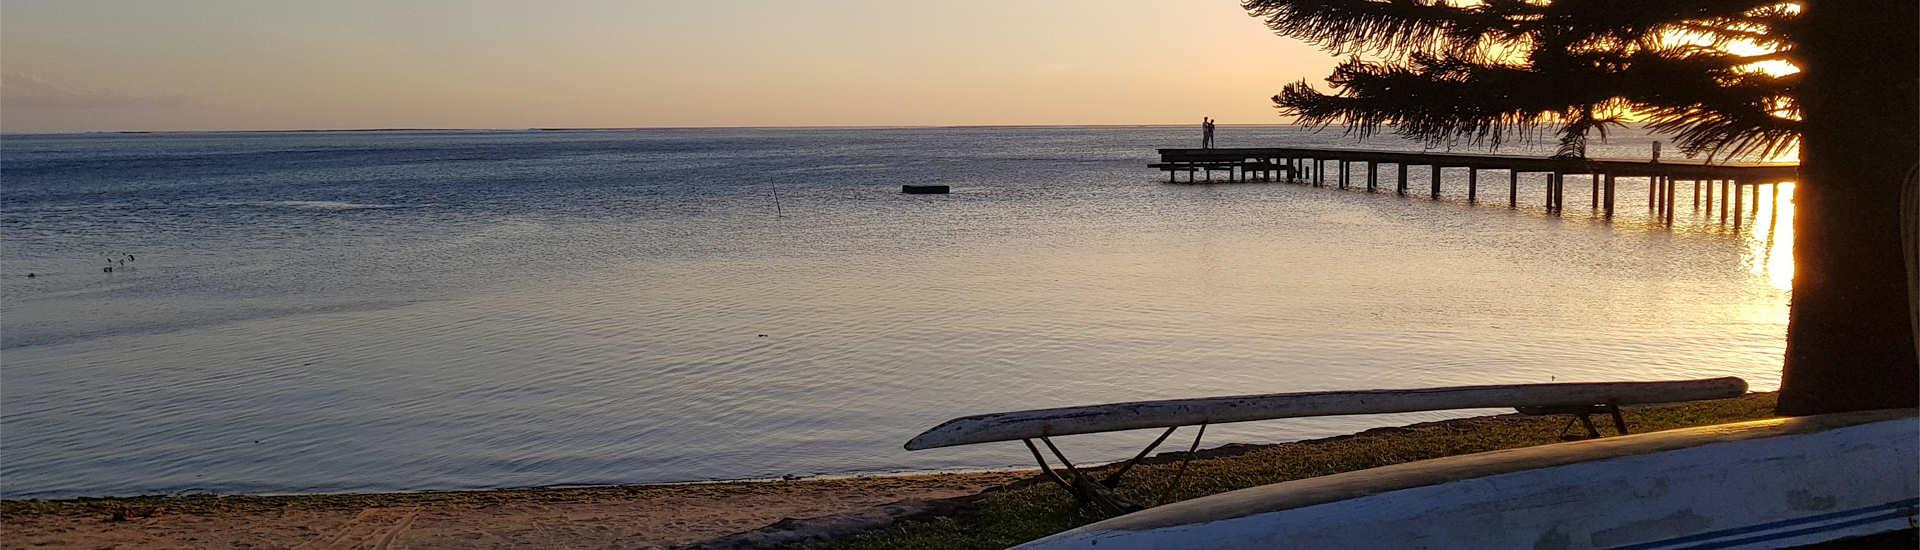 Moorea Beach – Französisch Polynesien